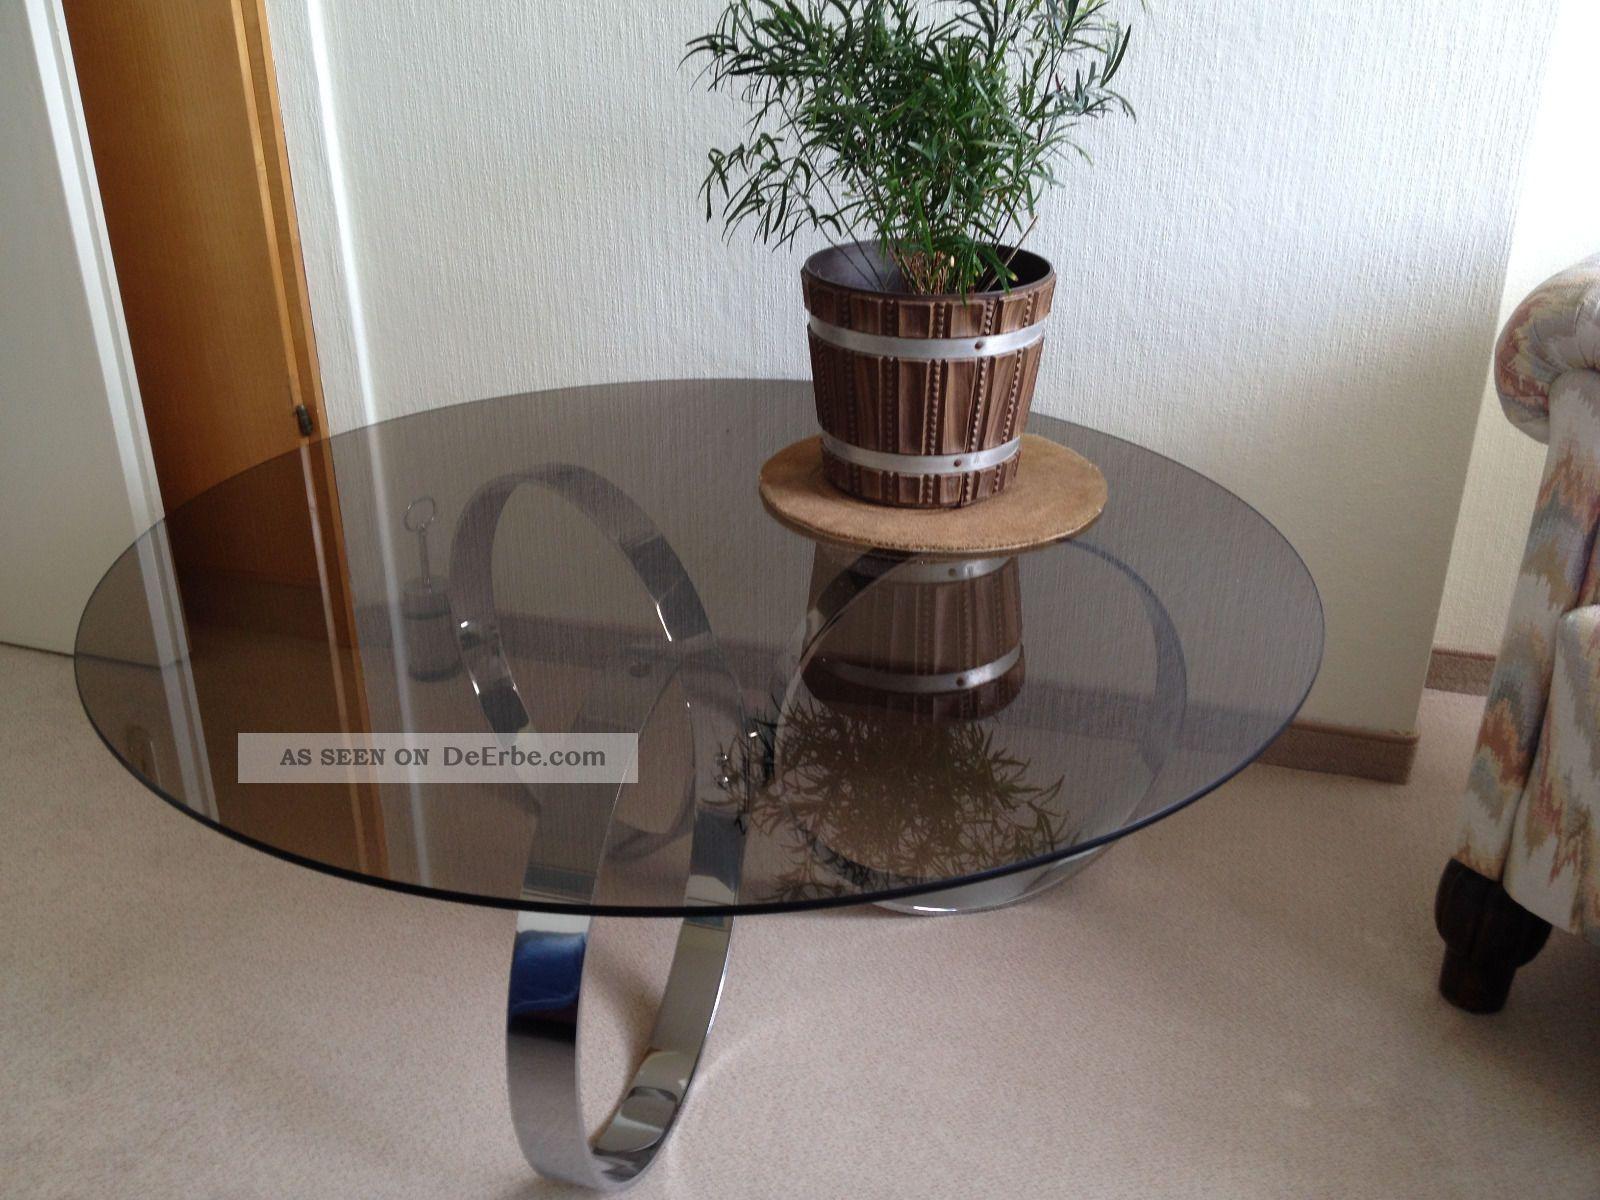 70er jahre design glastisch couchtisch cool f r die 70er for Design glastisch couchtisch